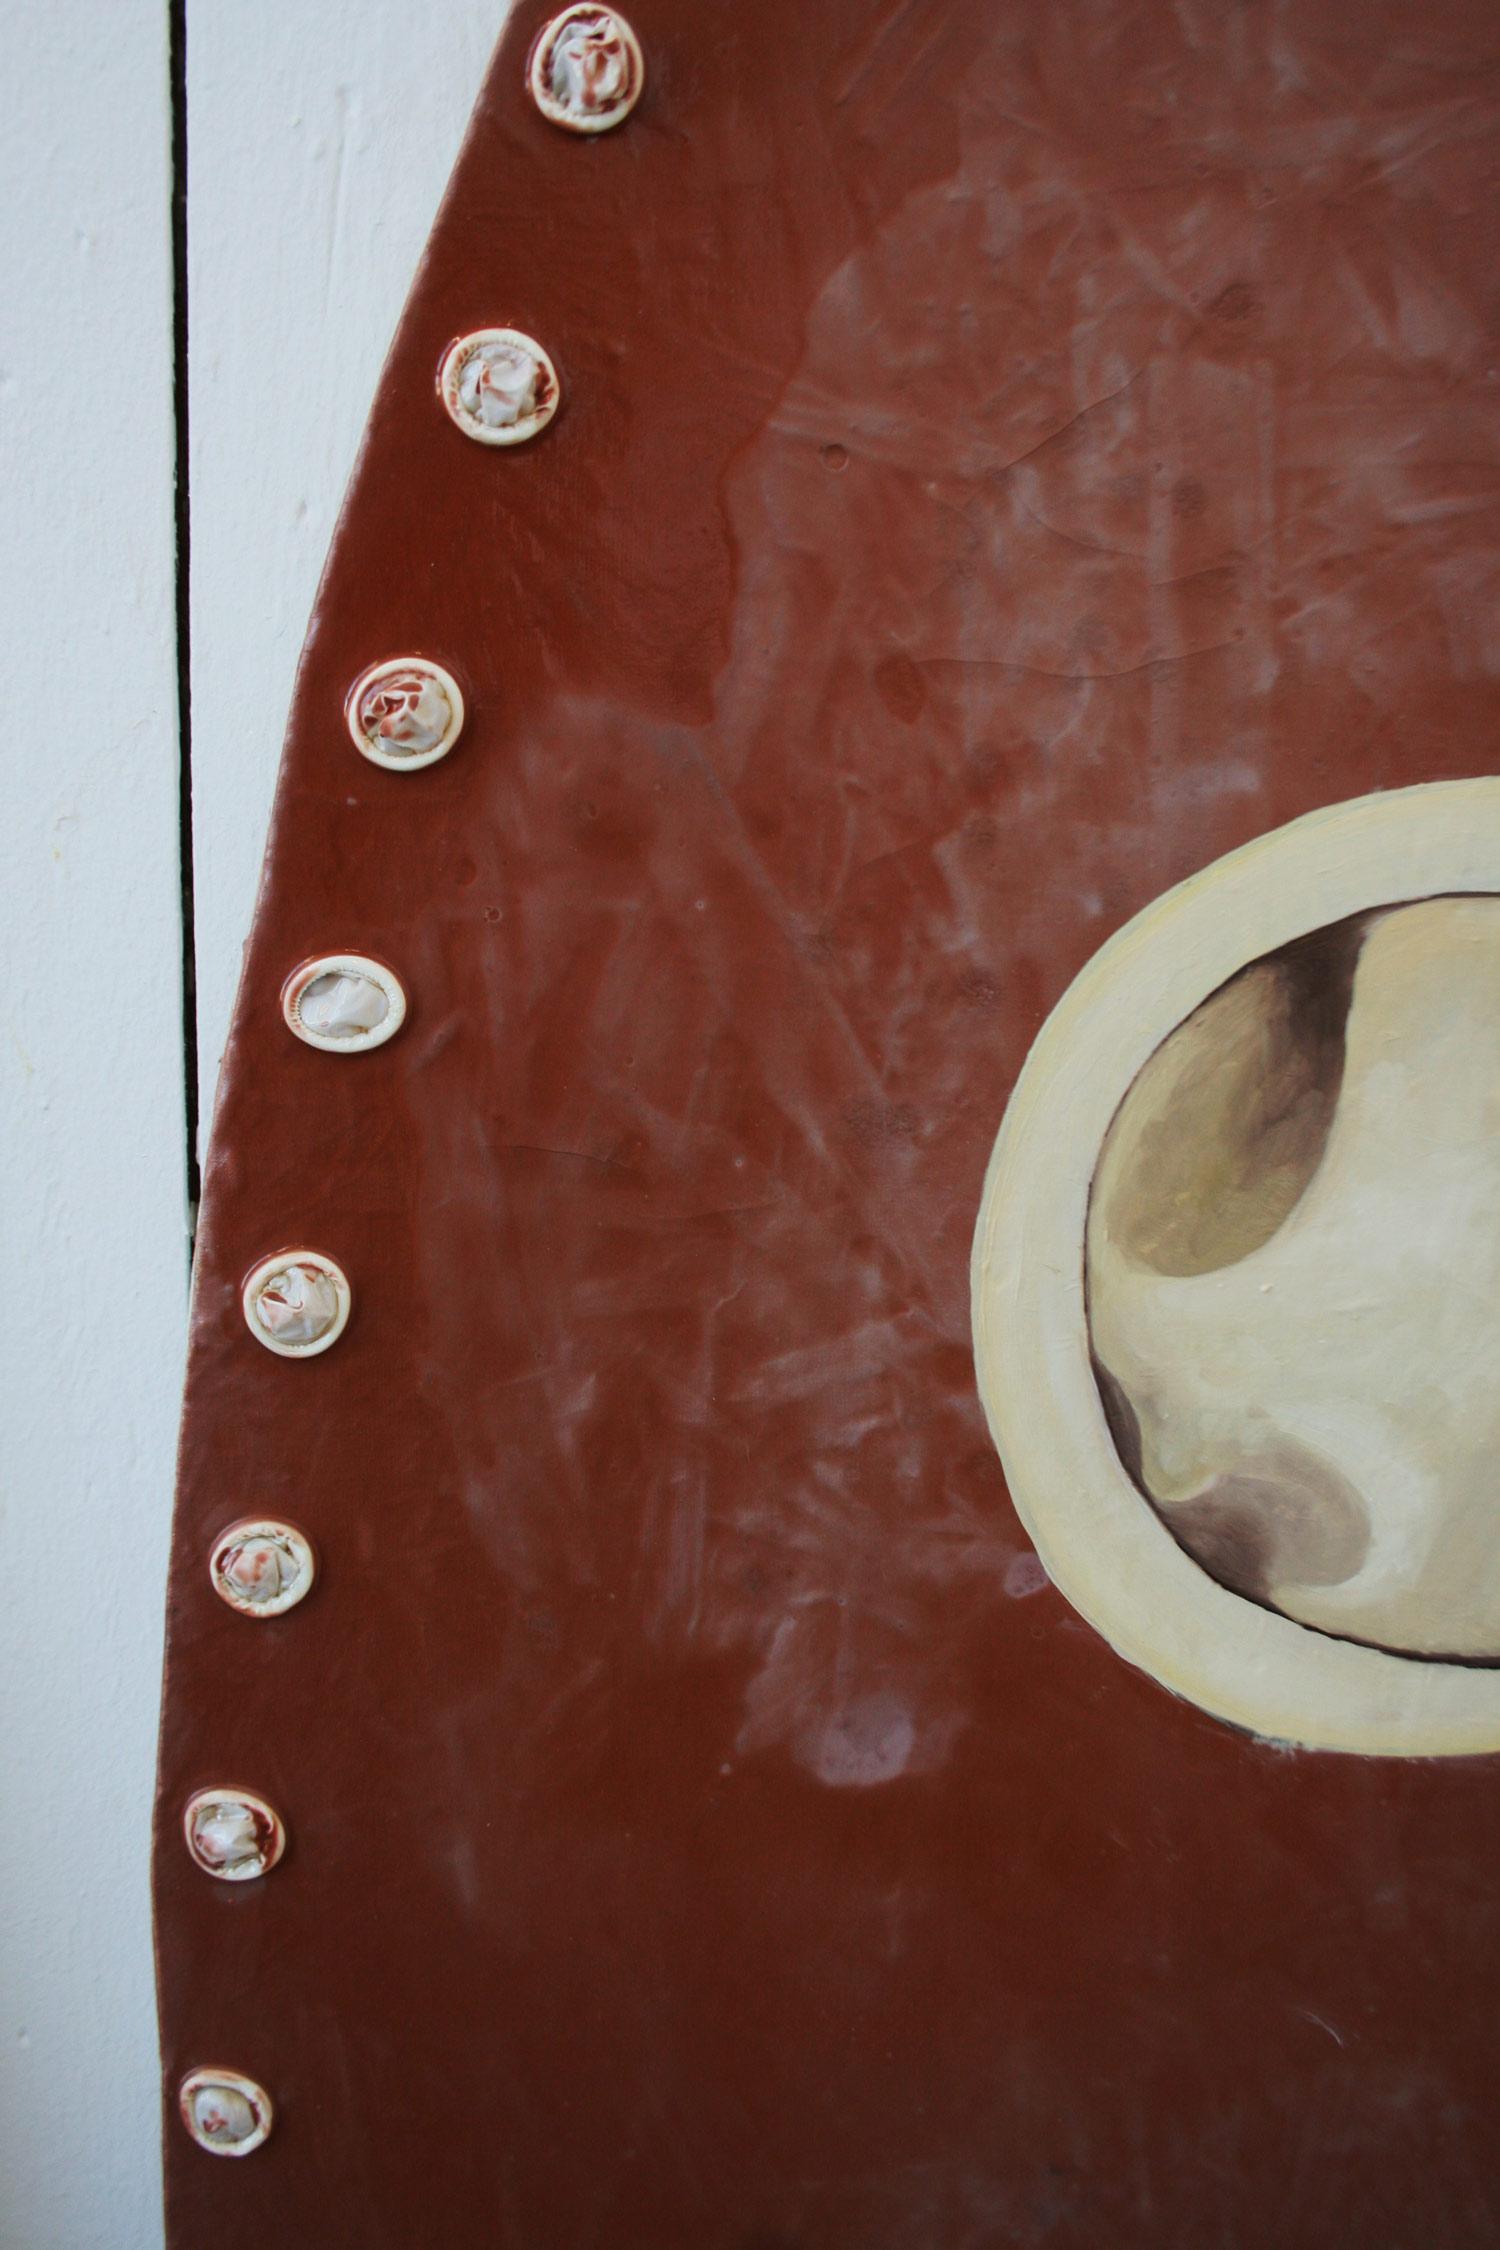 Laura Link . ohne Titel . 2012 . Knochenleim, Fingerlinge, Pigmente, Ölfarbe, Leinwand . 190 x 240 . Detailansicht